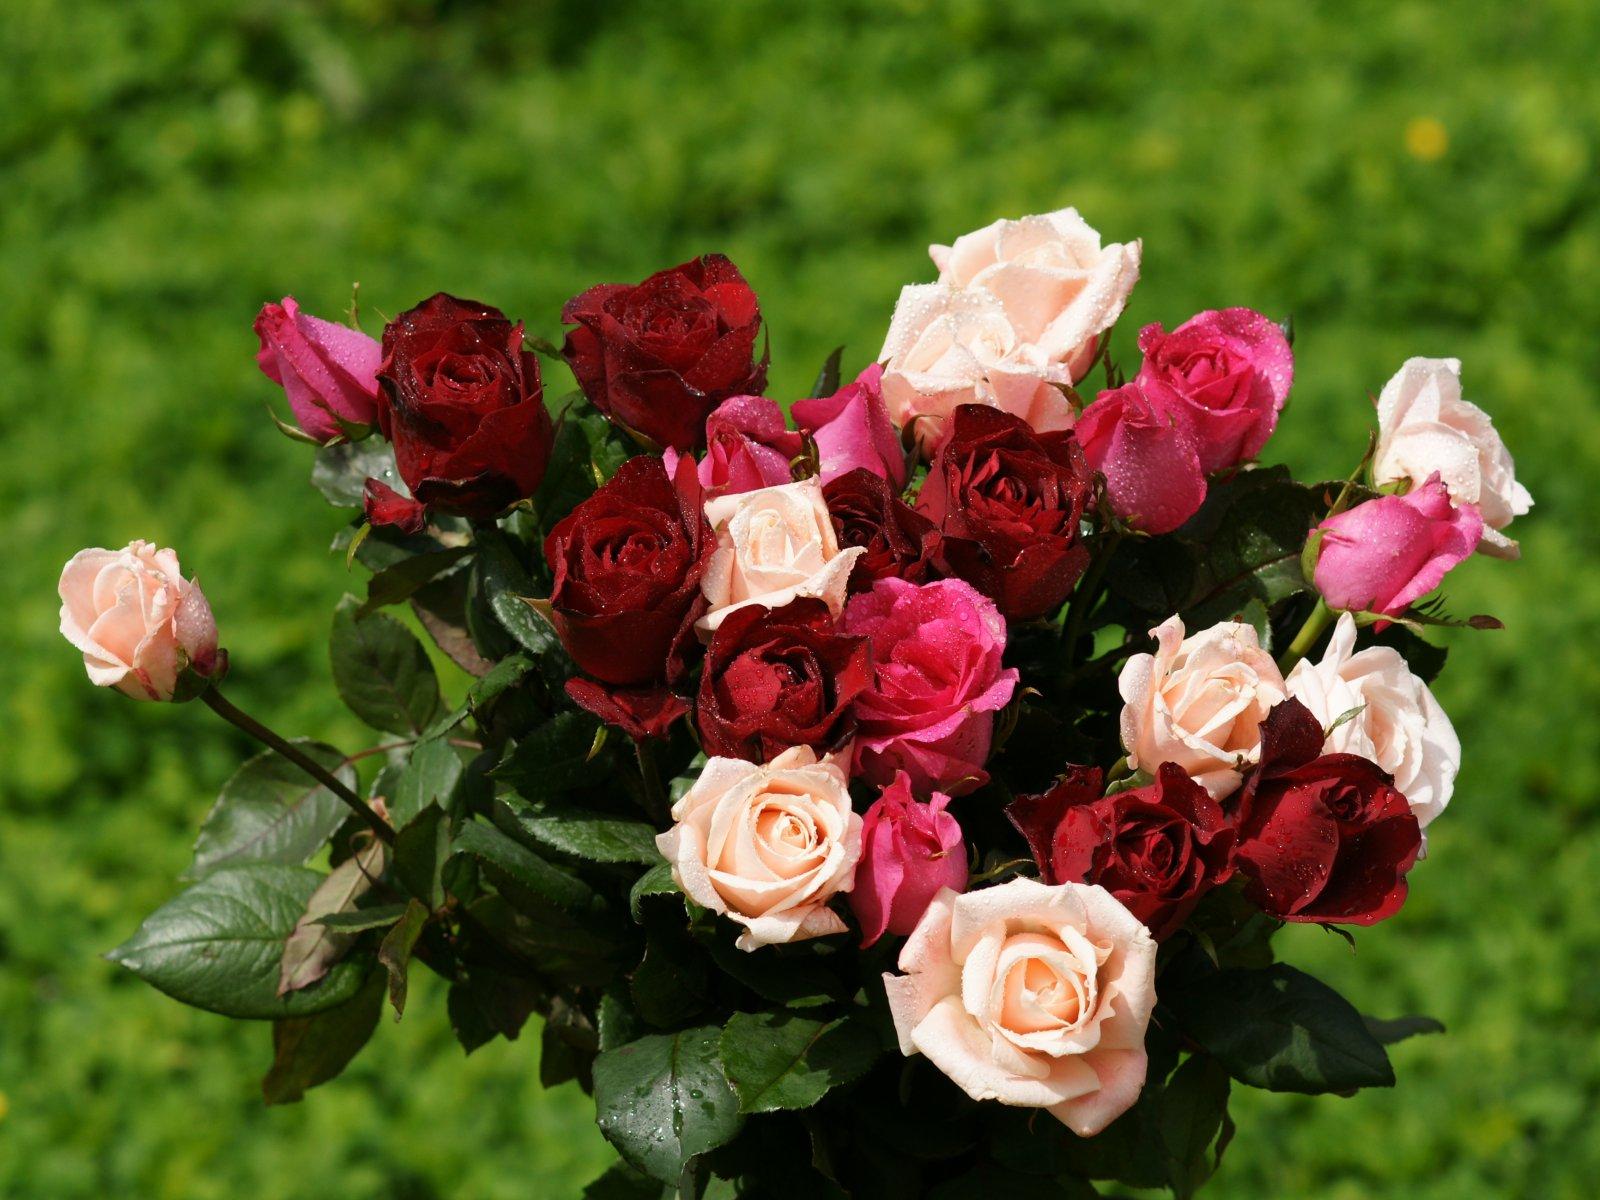 b-wallpaper of rose  Rose Wallpapers